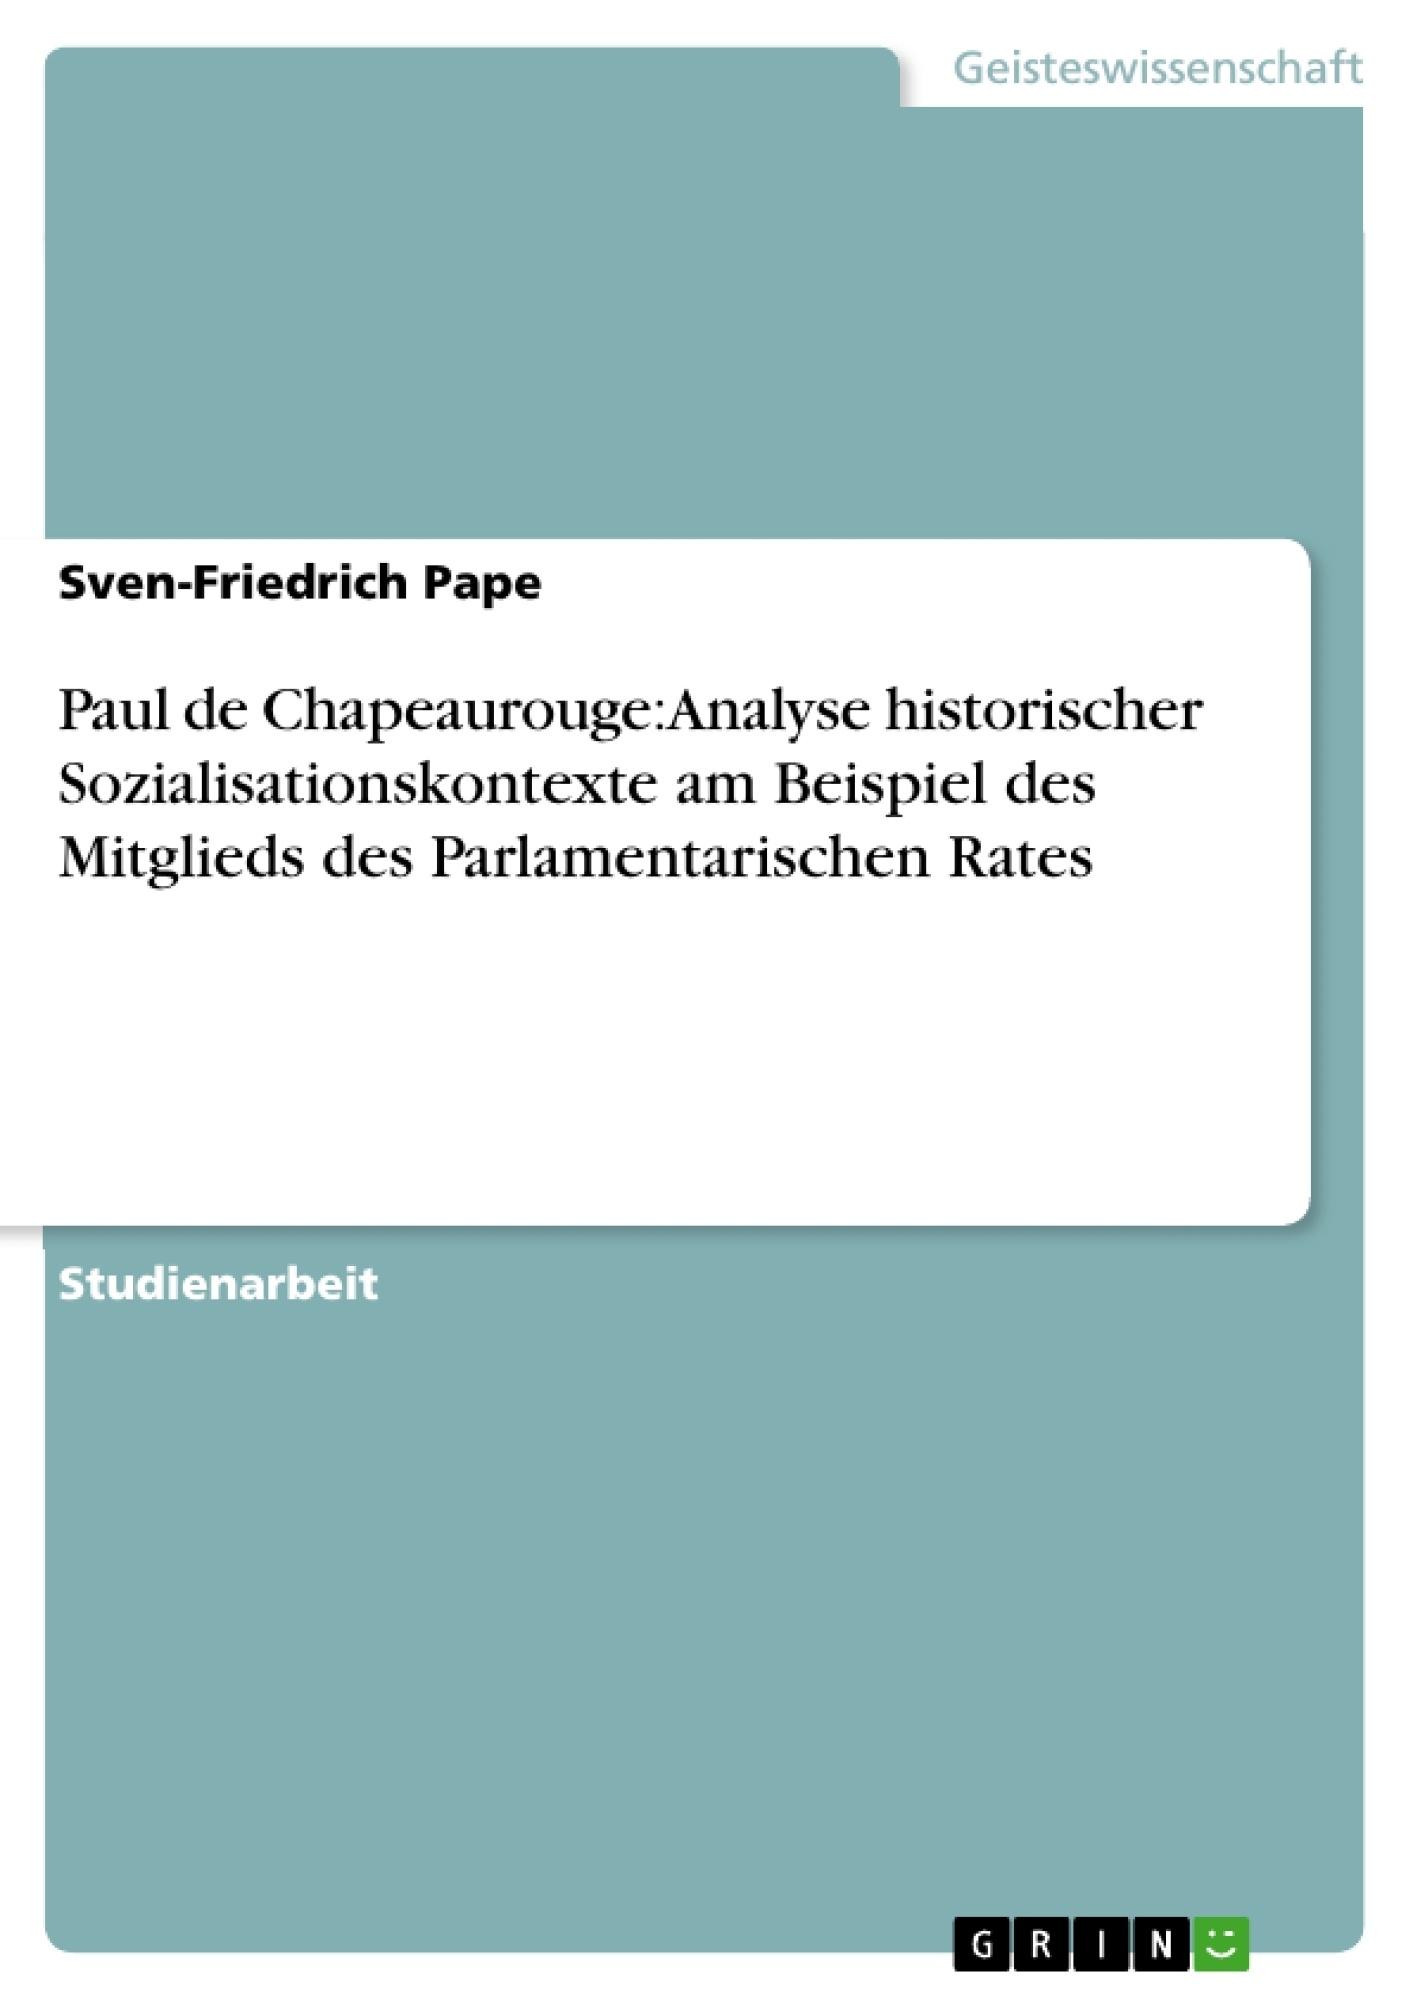 Titel: Paul de Chapeaurouge: Analyse historischer Sozialisationskontexte am Beispiel des Mitglieds des Parlamentarischen Rates